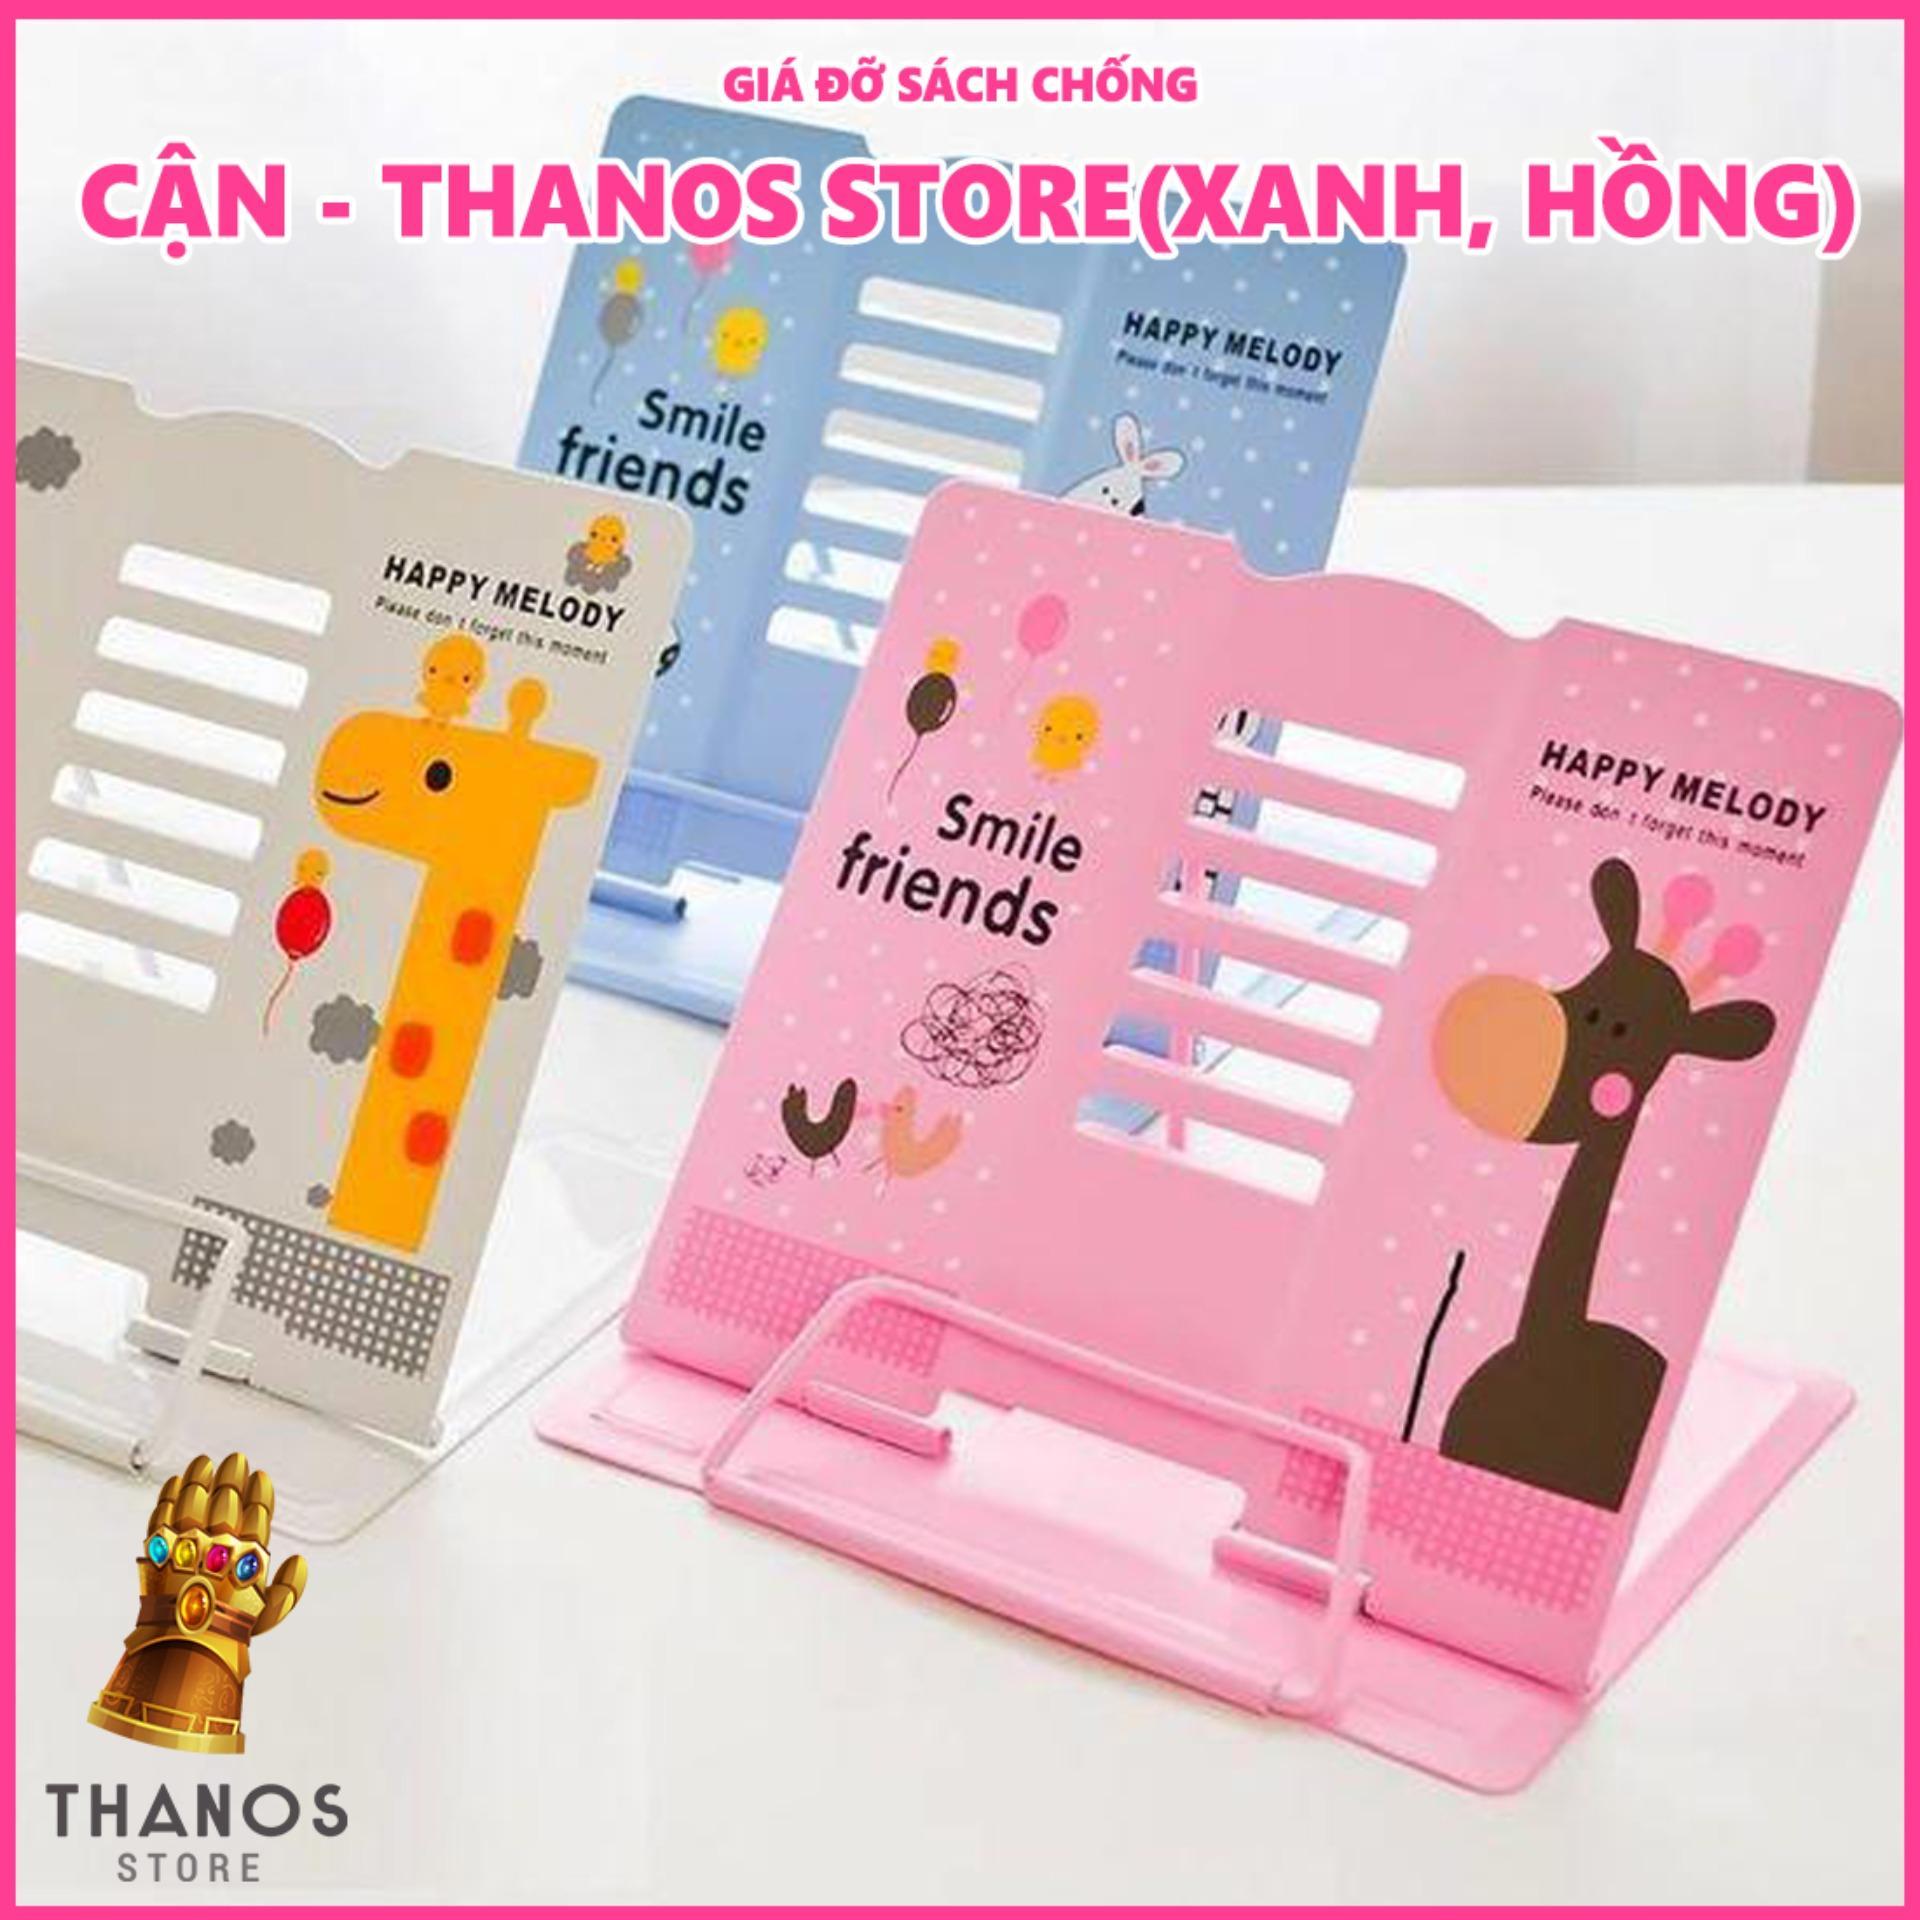 Mua Giá Đỡ Sách Chống Cận - Thanos Store